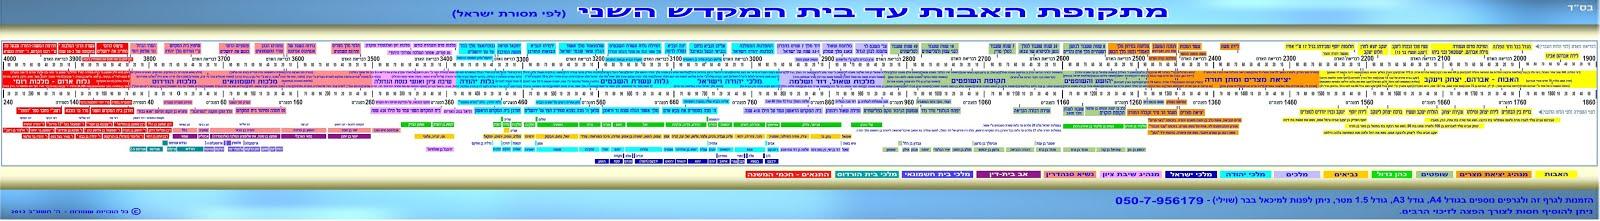 מתקופת האבות עד בית המקדש השני (לפי מסורת ישראל)